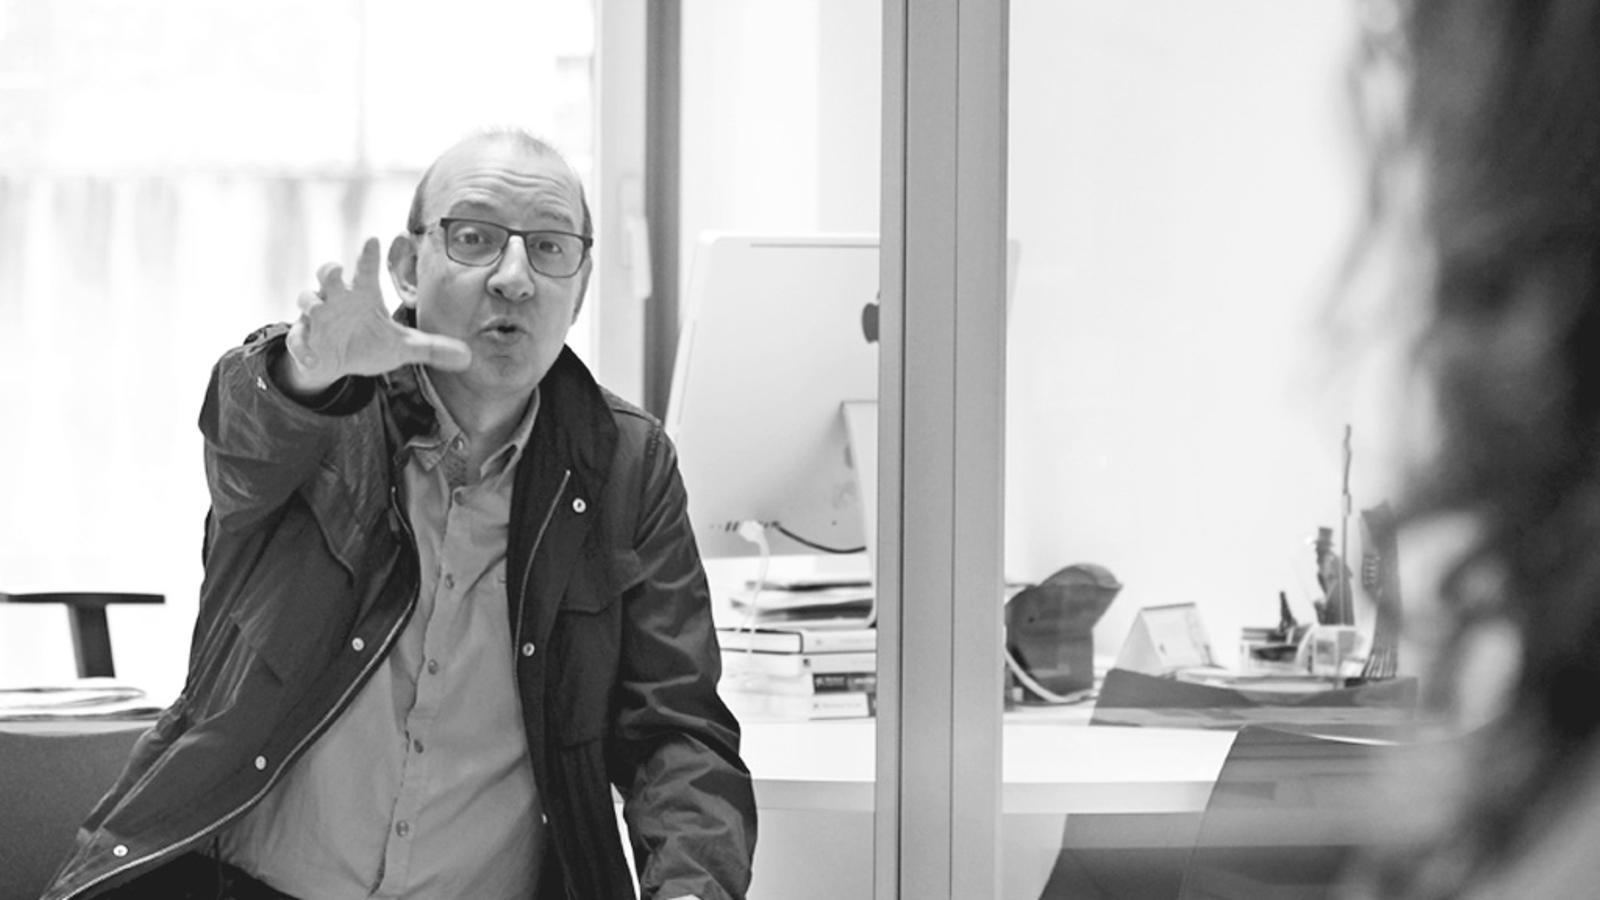 L'editorial d'Antoni Bassas: Per què els jutges no es queixen davant d'altres manifestacions? (14/10/2015)